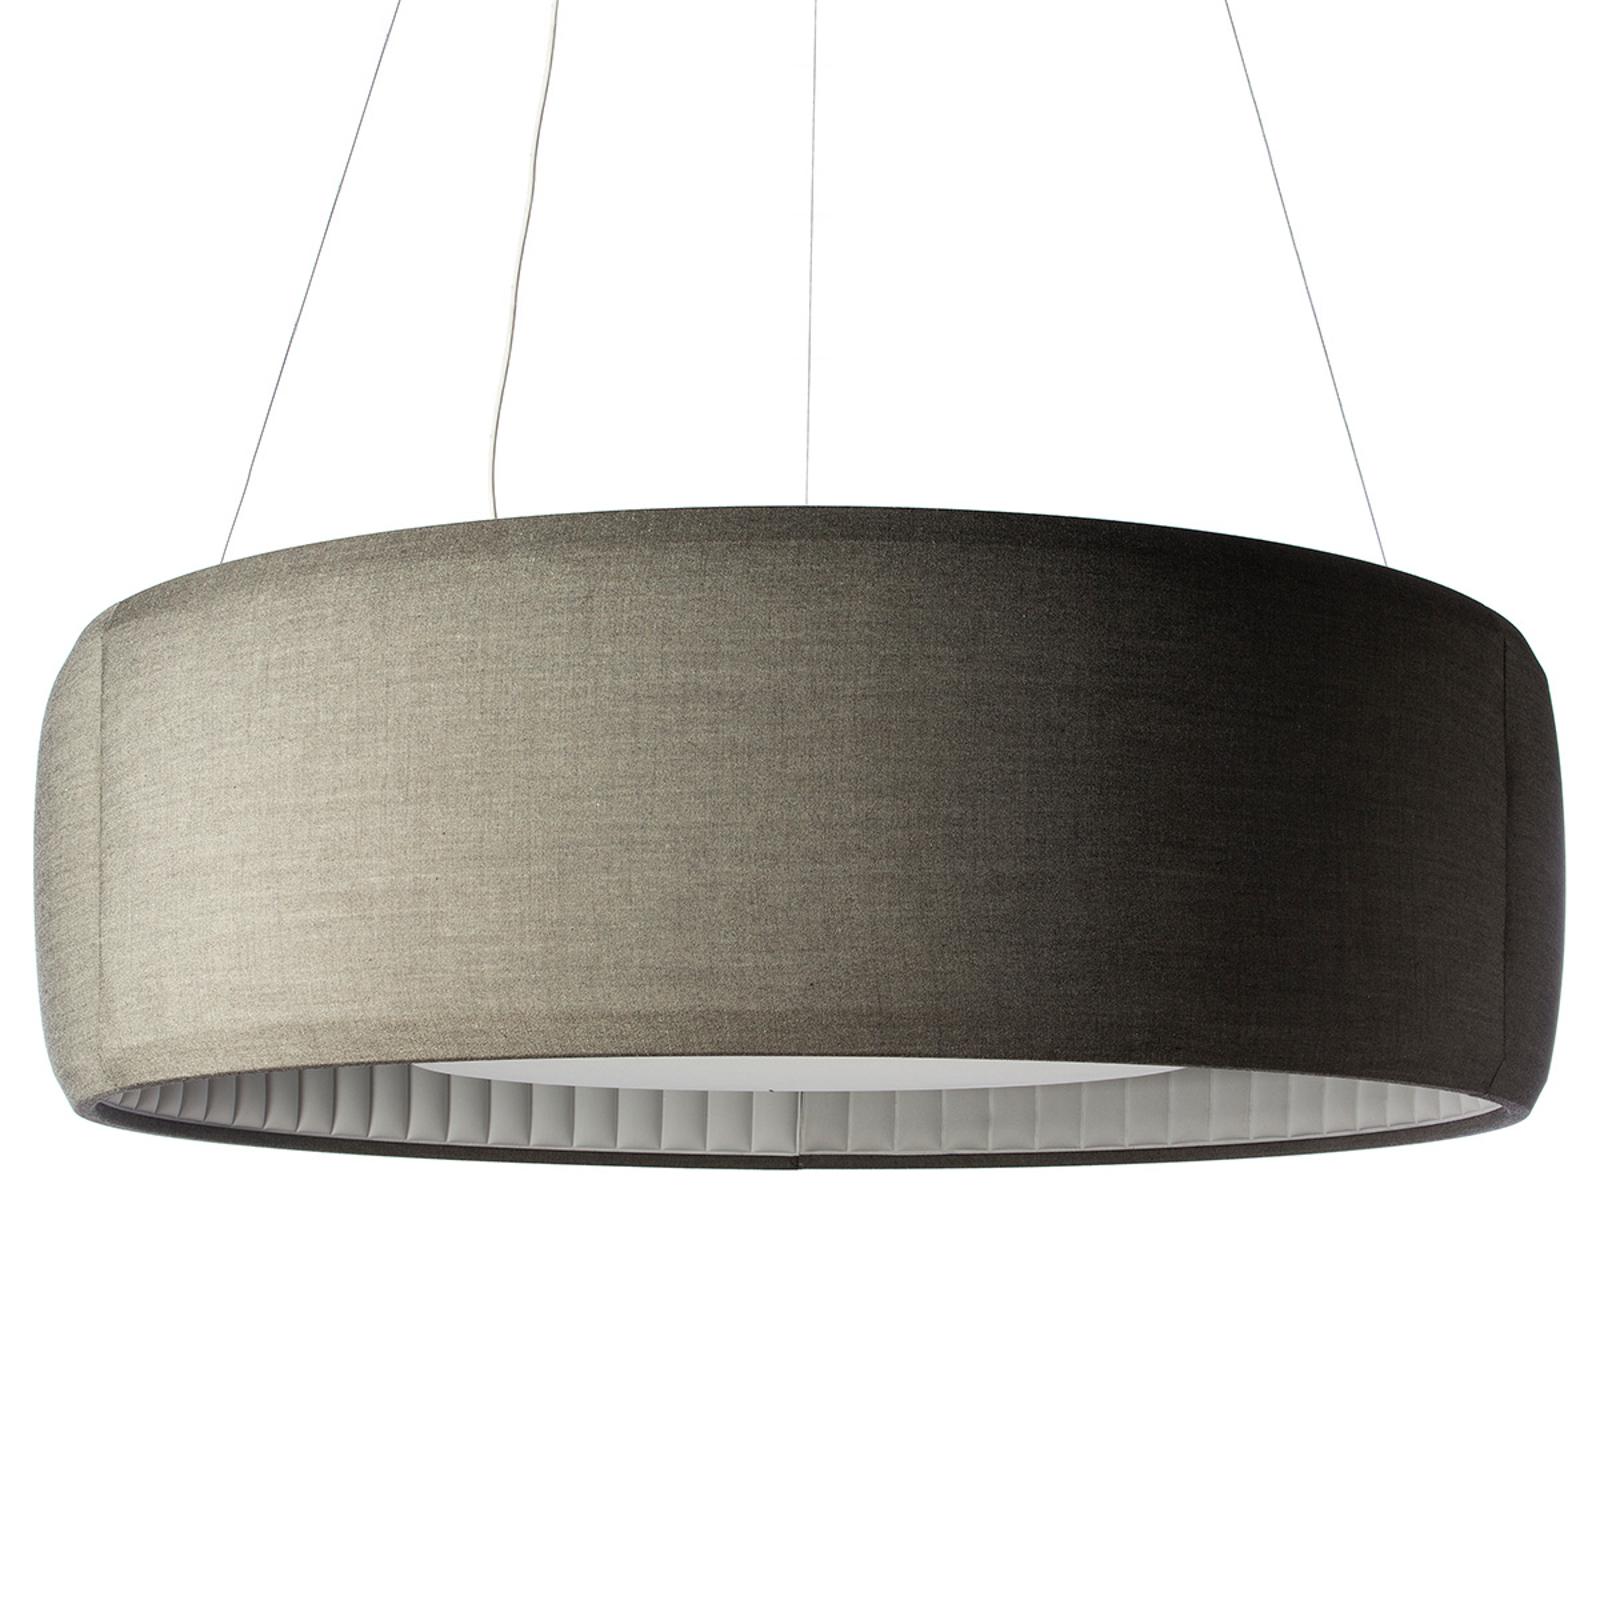 Luceplan Silenzio LED-riippuvalaisin harmaa Ø150cm